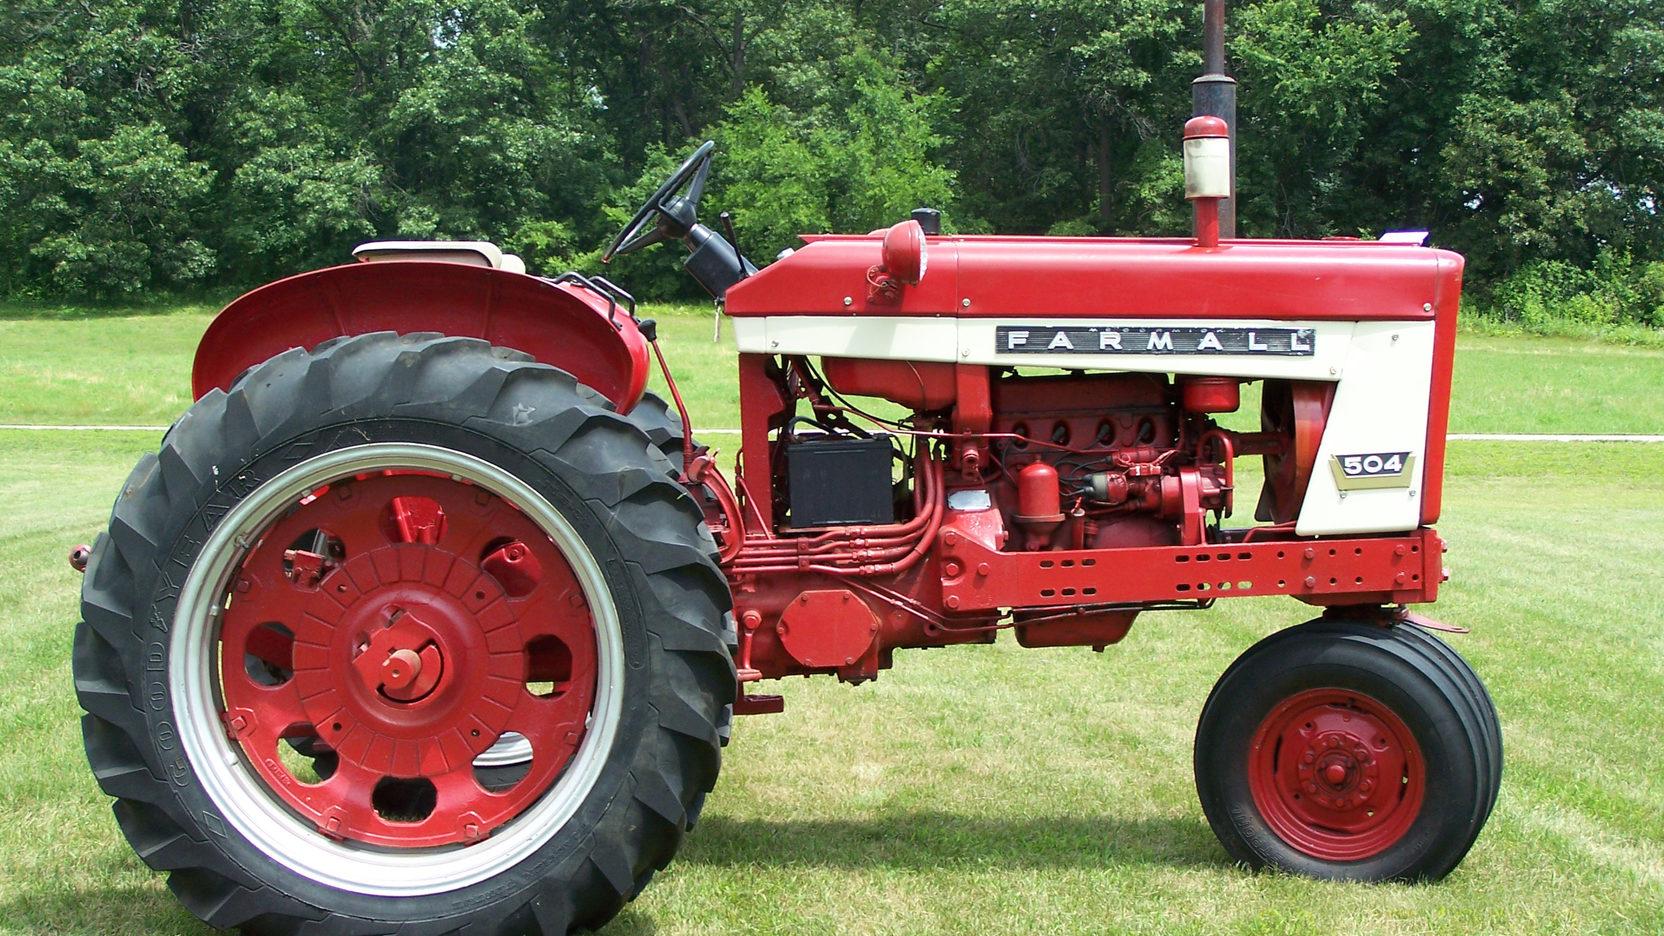 international farmall 504 tractor manual pdf farm [ 1664 x 936 Pixel ]